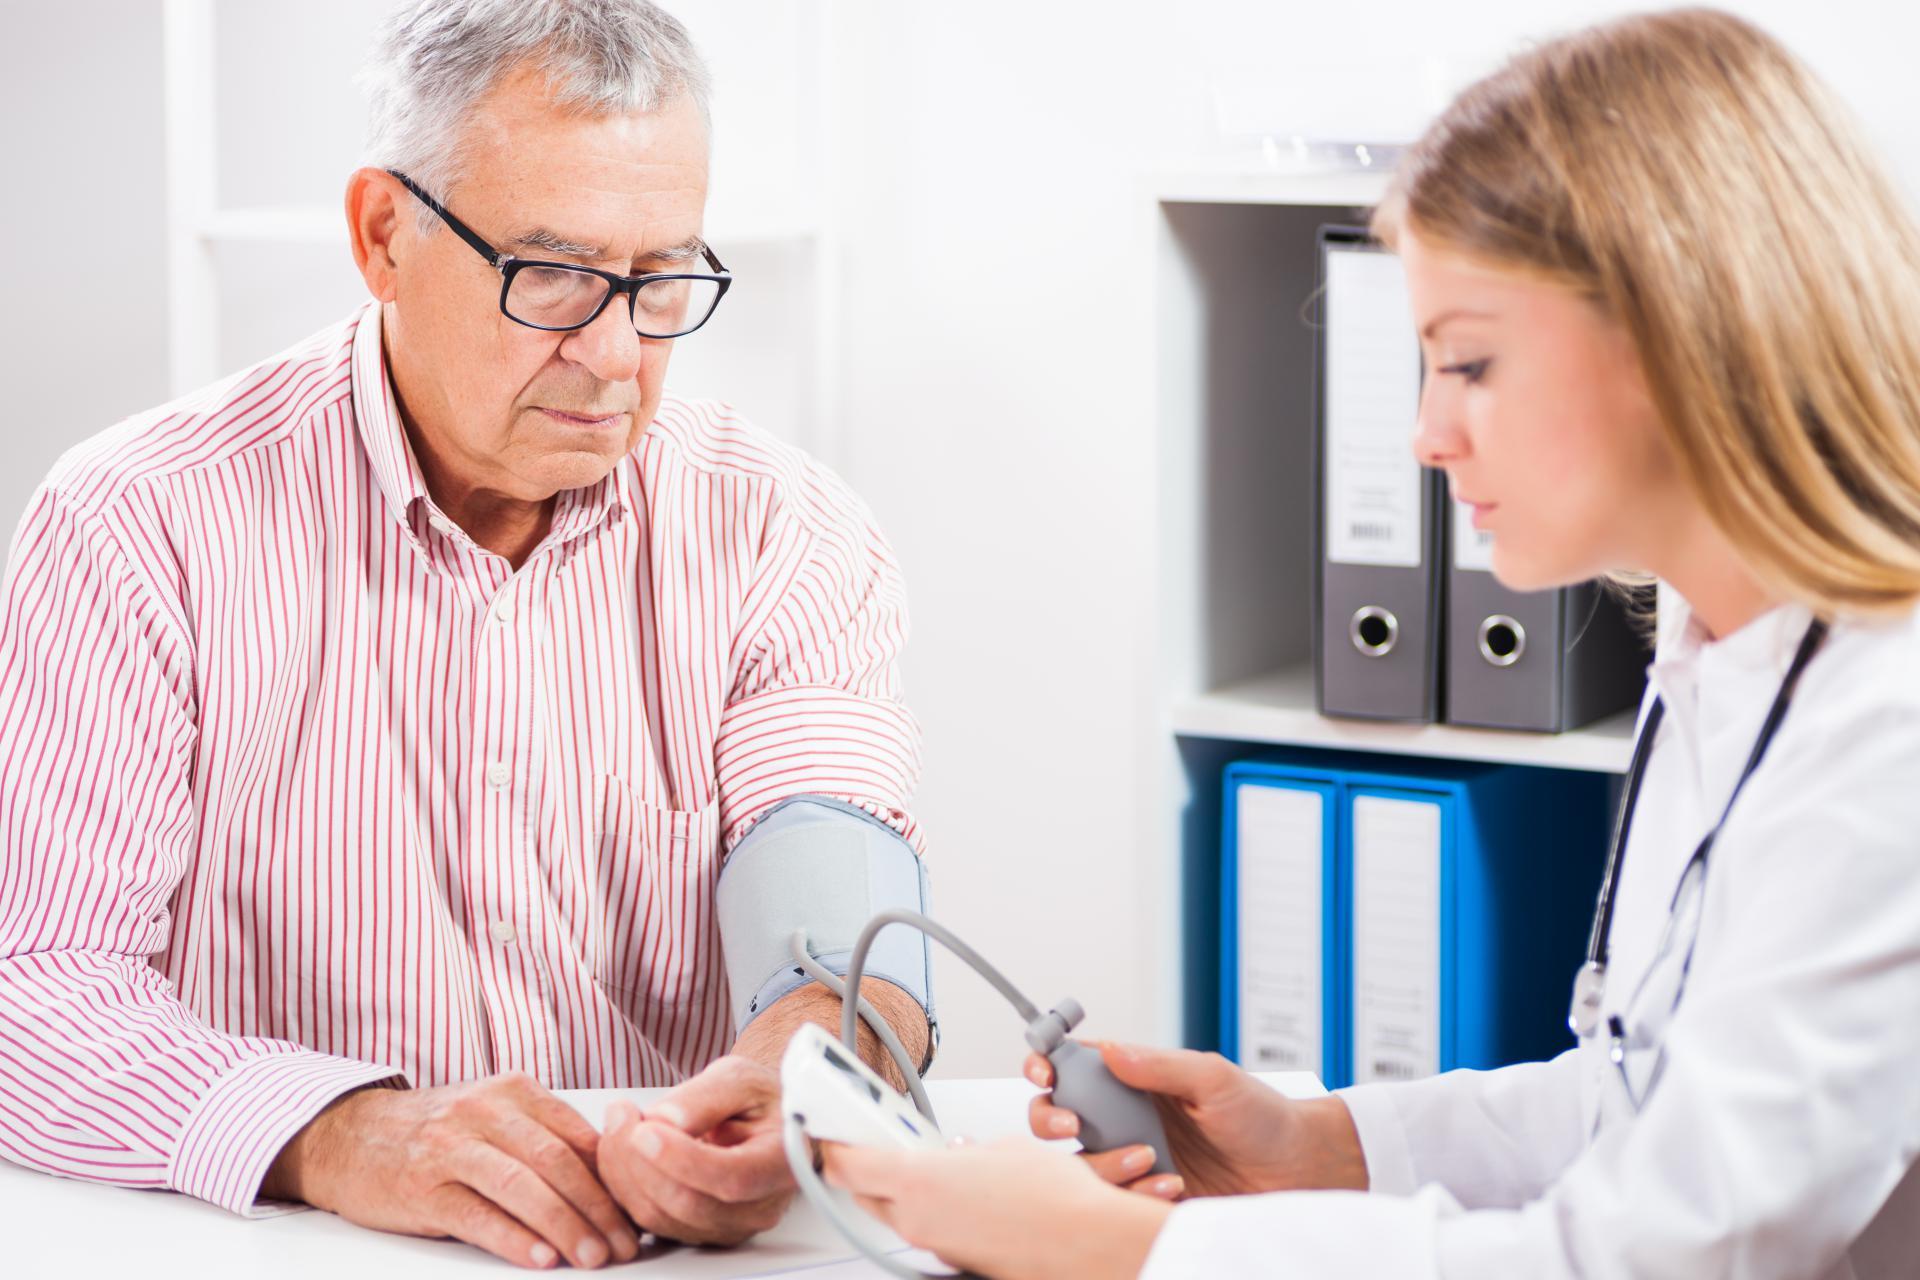 kirurške metode za liječenje hipertenzije vježba je dobra za hipertenziju